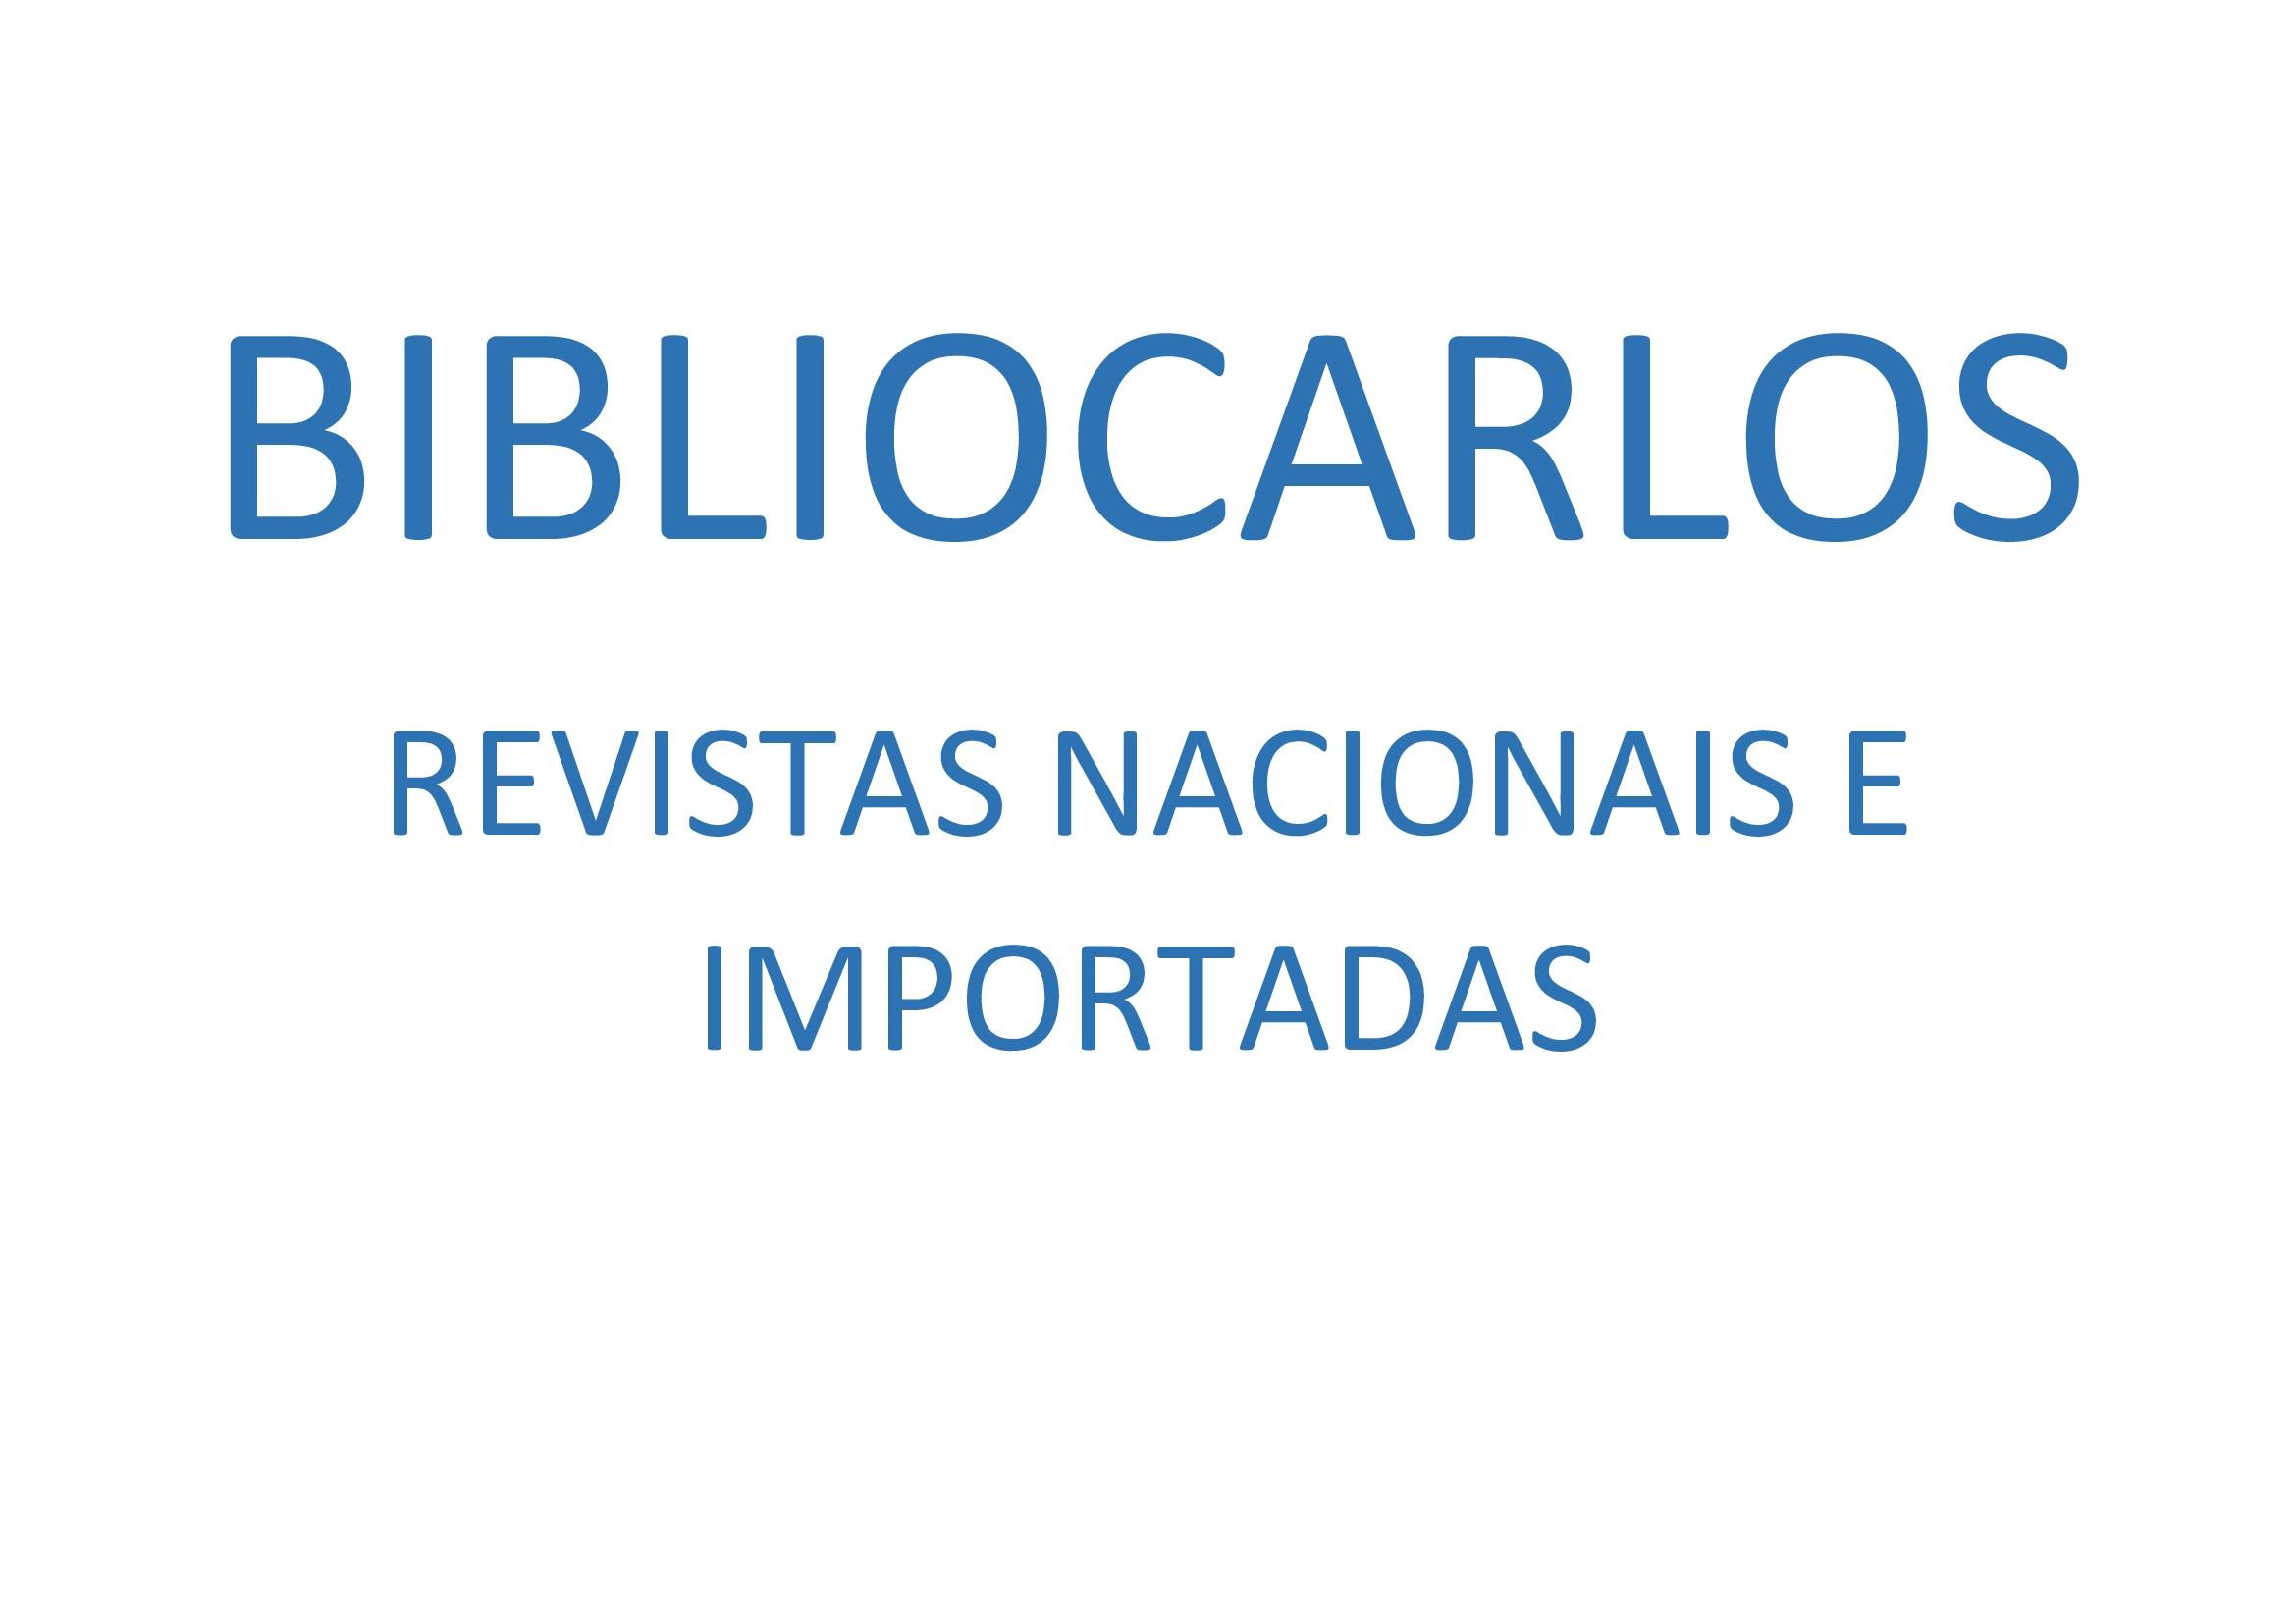 bibliocarlos